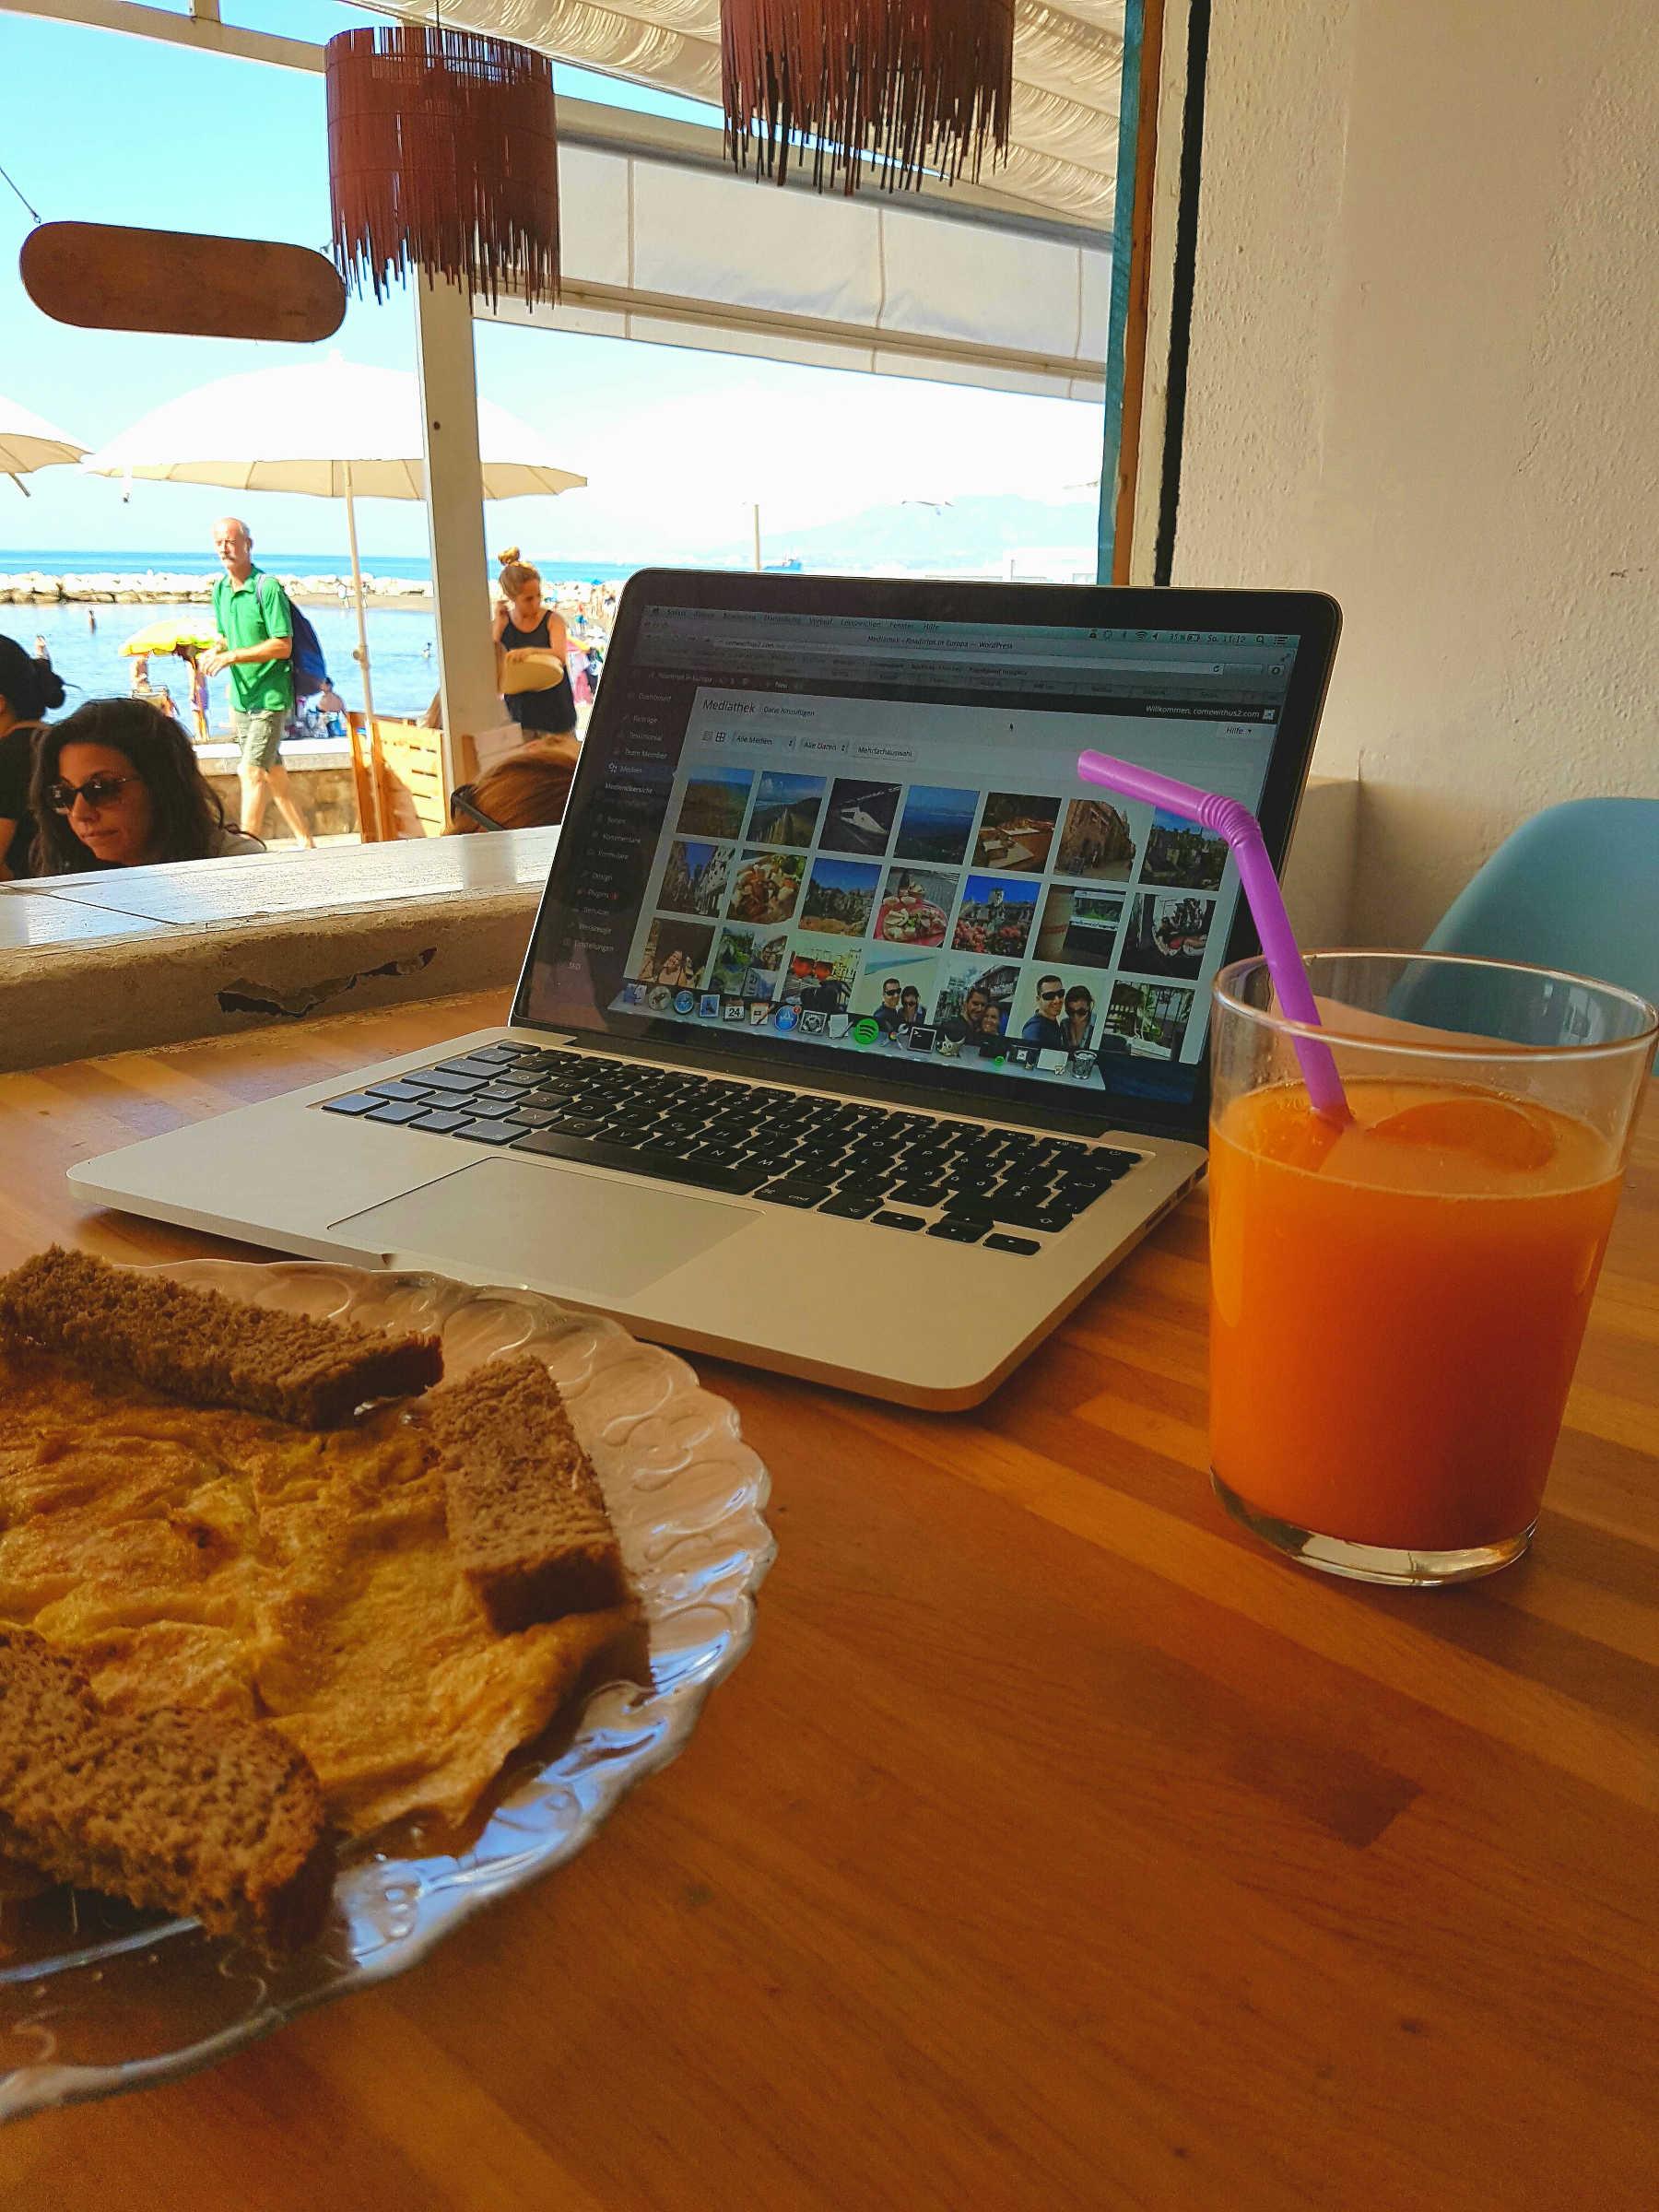 Laptop, Orangensaft, Rührei und Blick aufs Meer